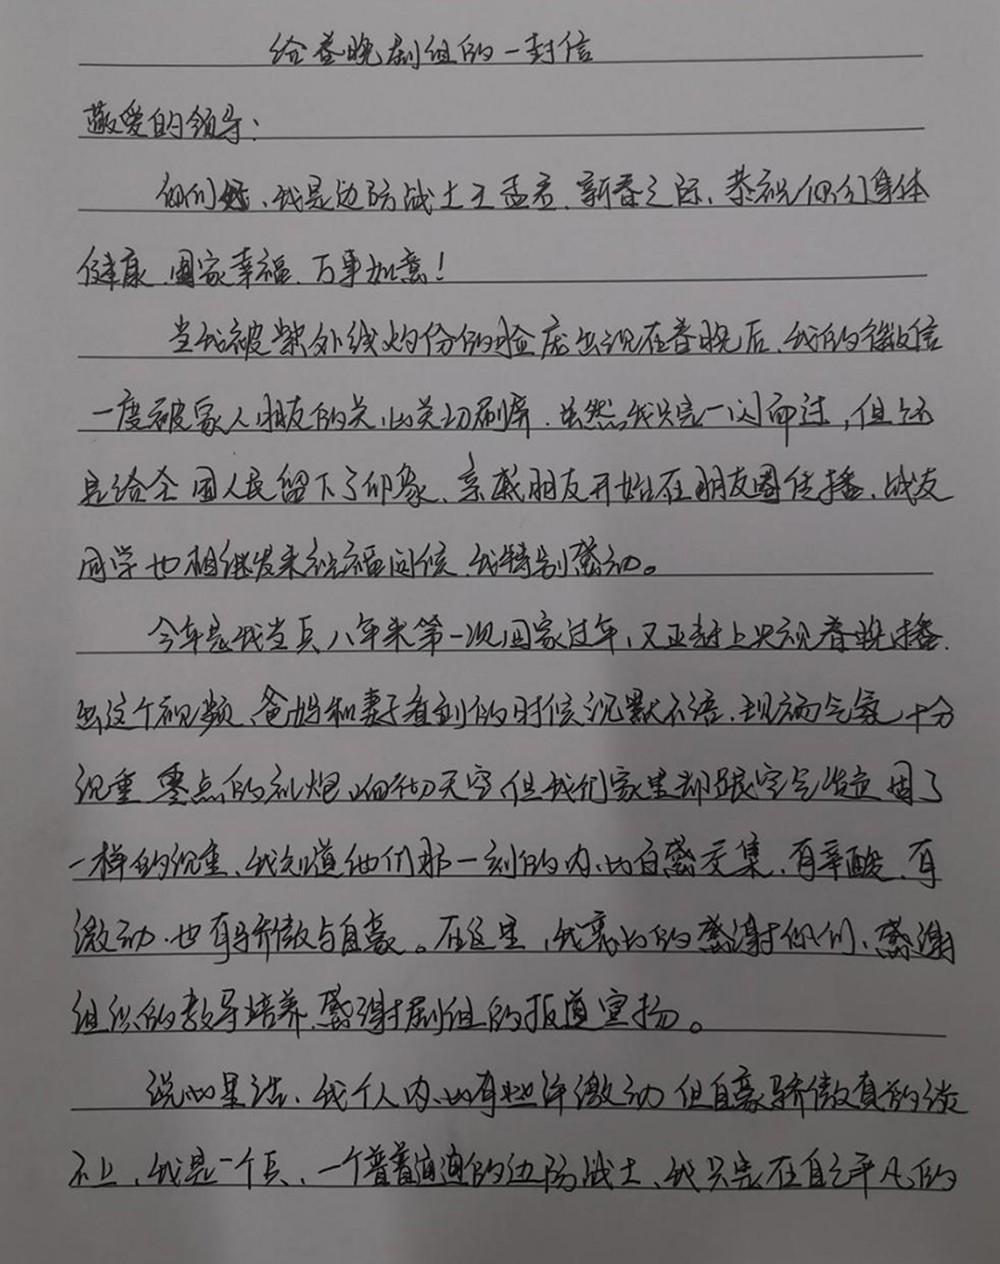 王孟军01.jpg